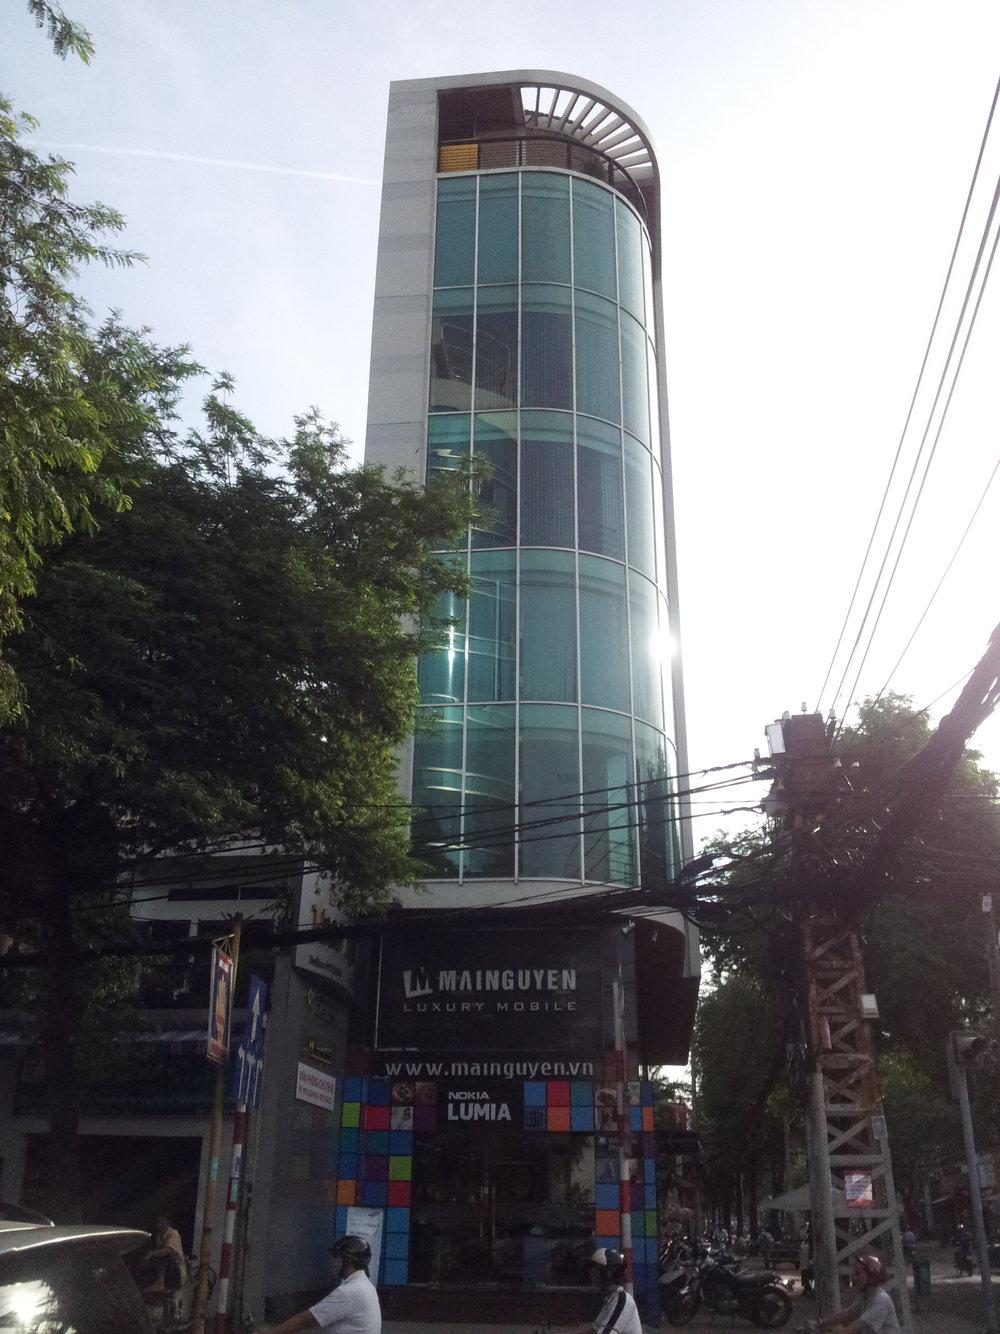 20121017_154413.jpg